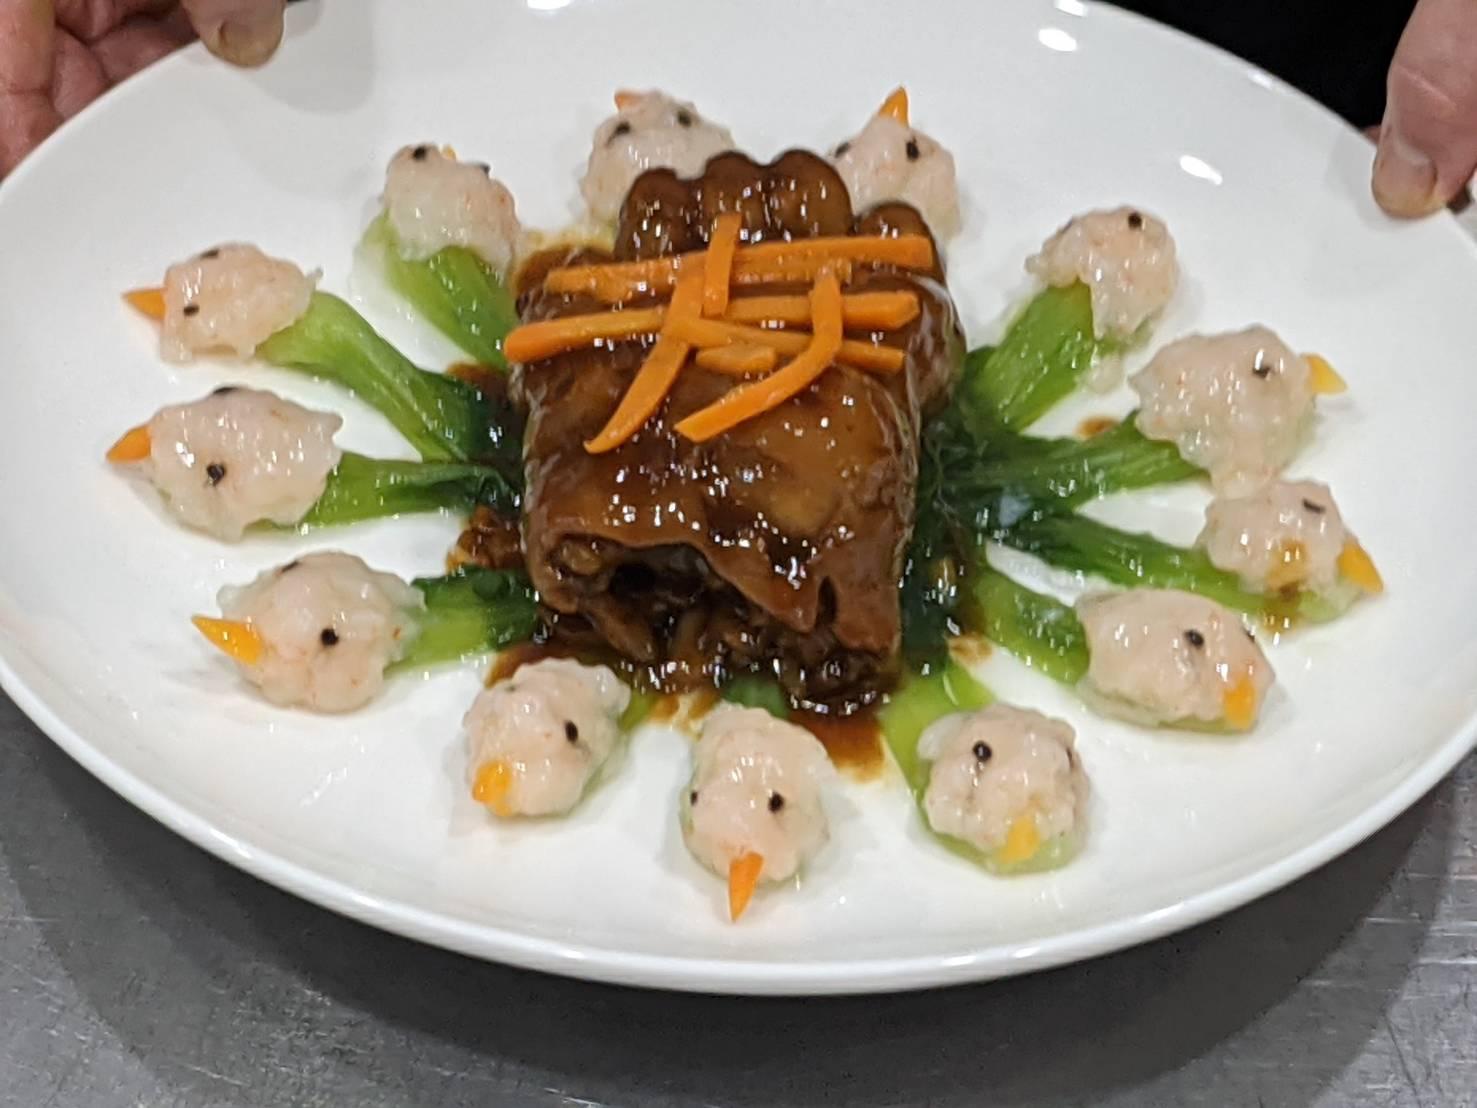 全席 満 漢 幻の宮廷料理・満漢全席 中国料理 四川料理 広東料理 上海料理 北京料理 Ustream グルメ